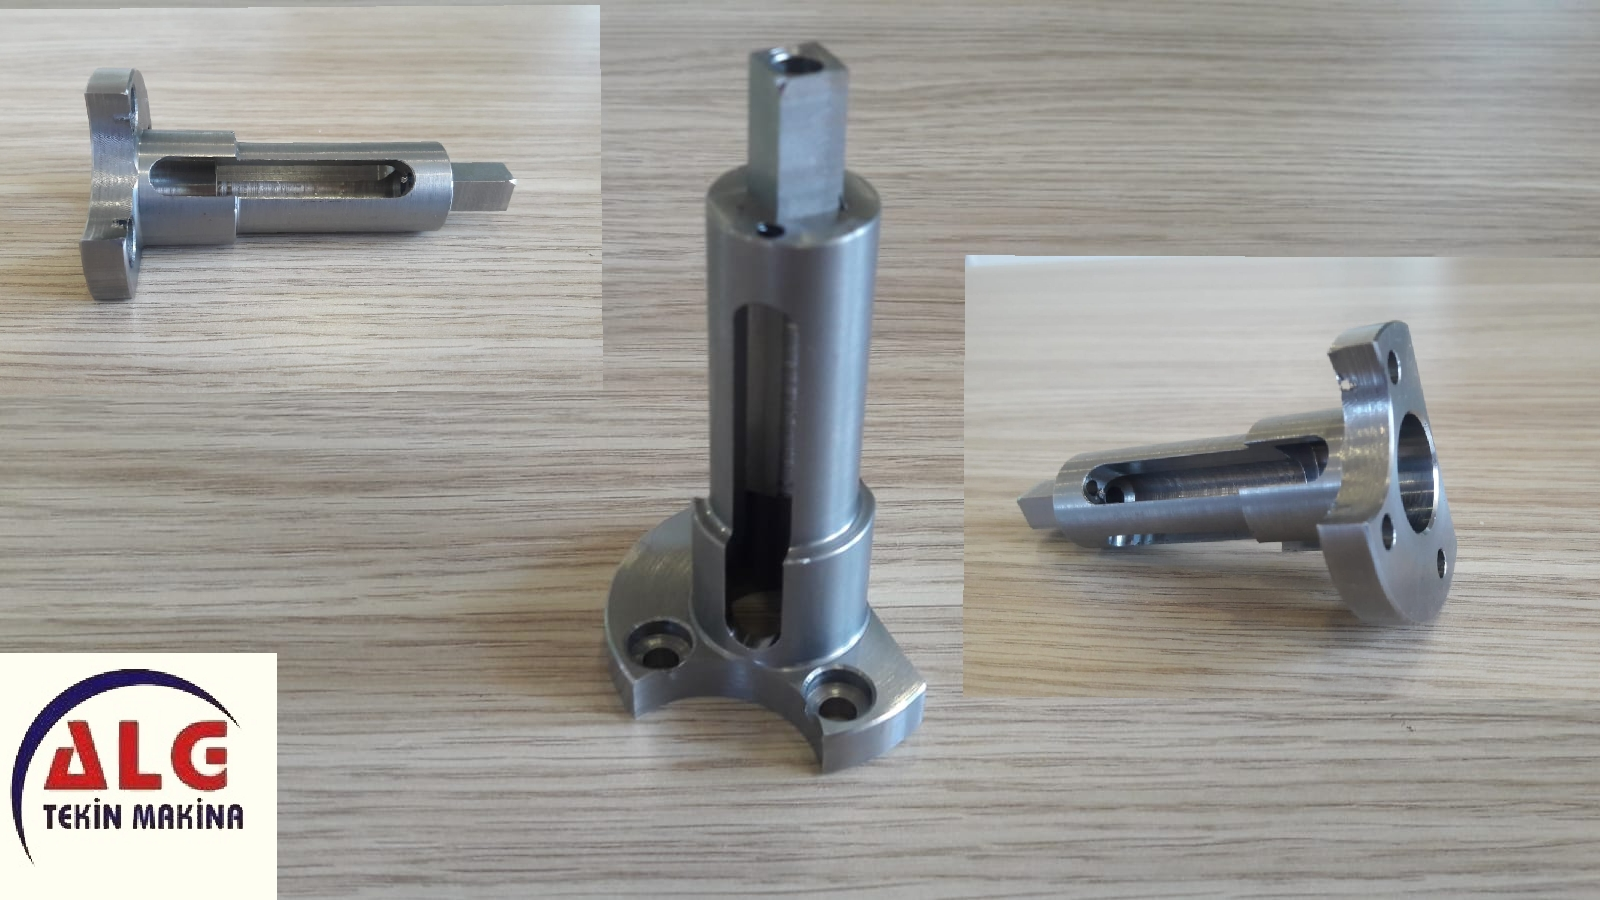 CNC Lathe CNC-PROCESSING-CENTER